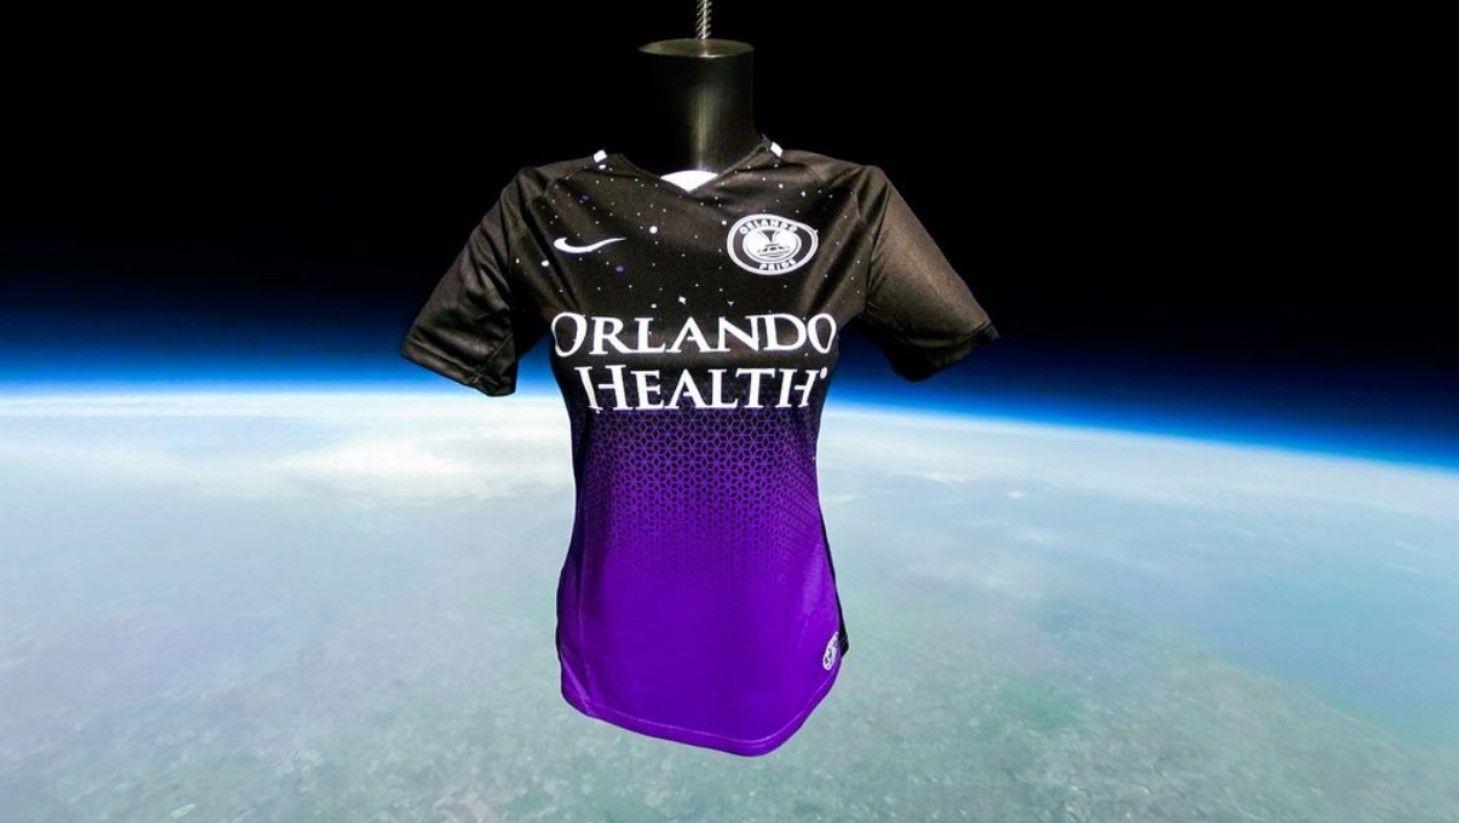 Para presentar uniforme, Orlando Pride envía camiseta al espacio